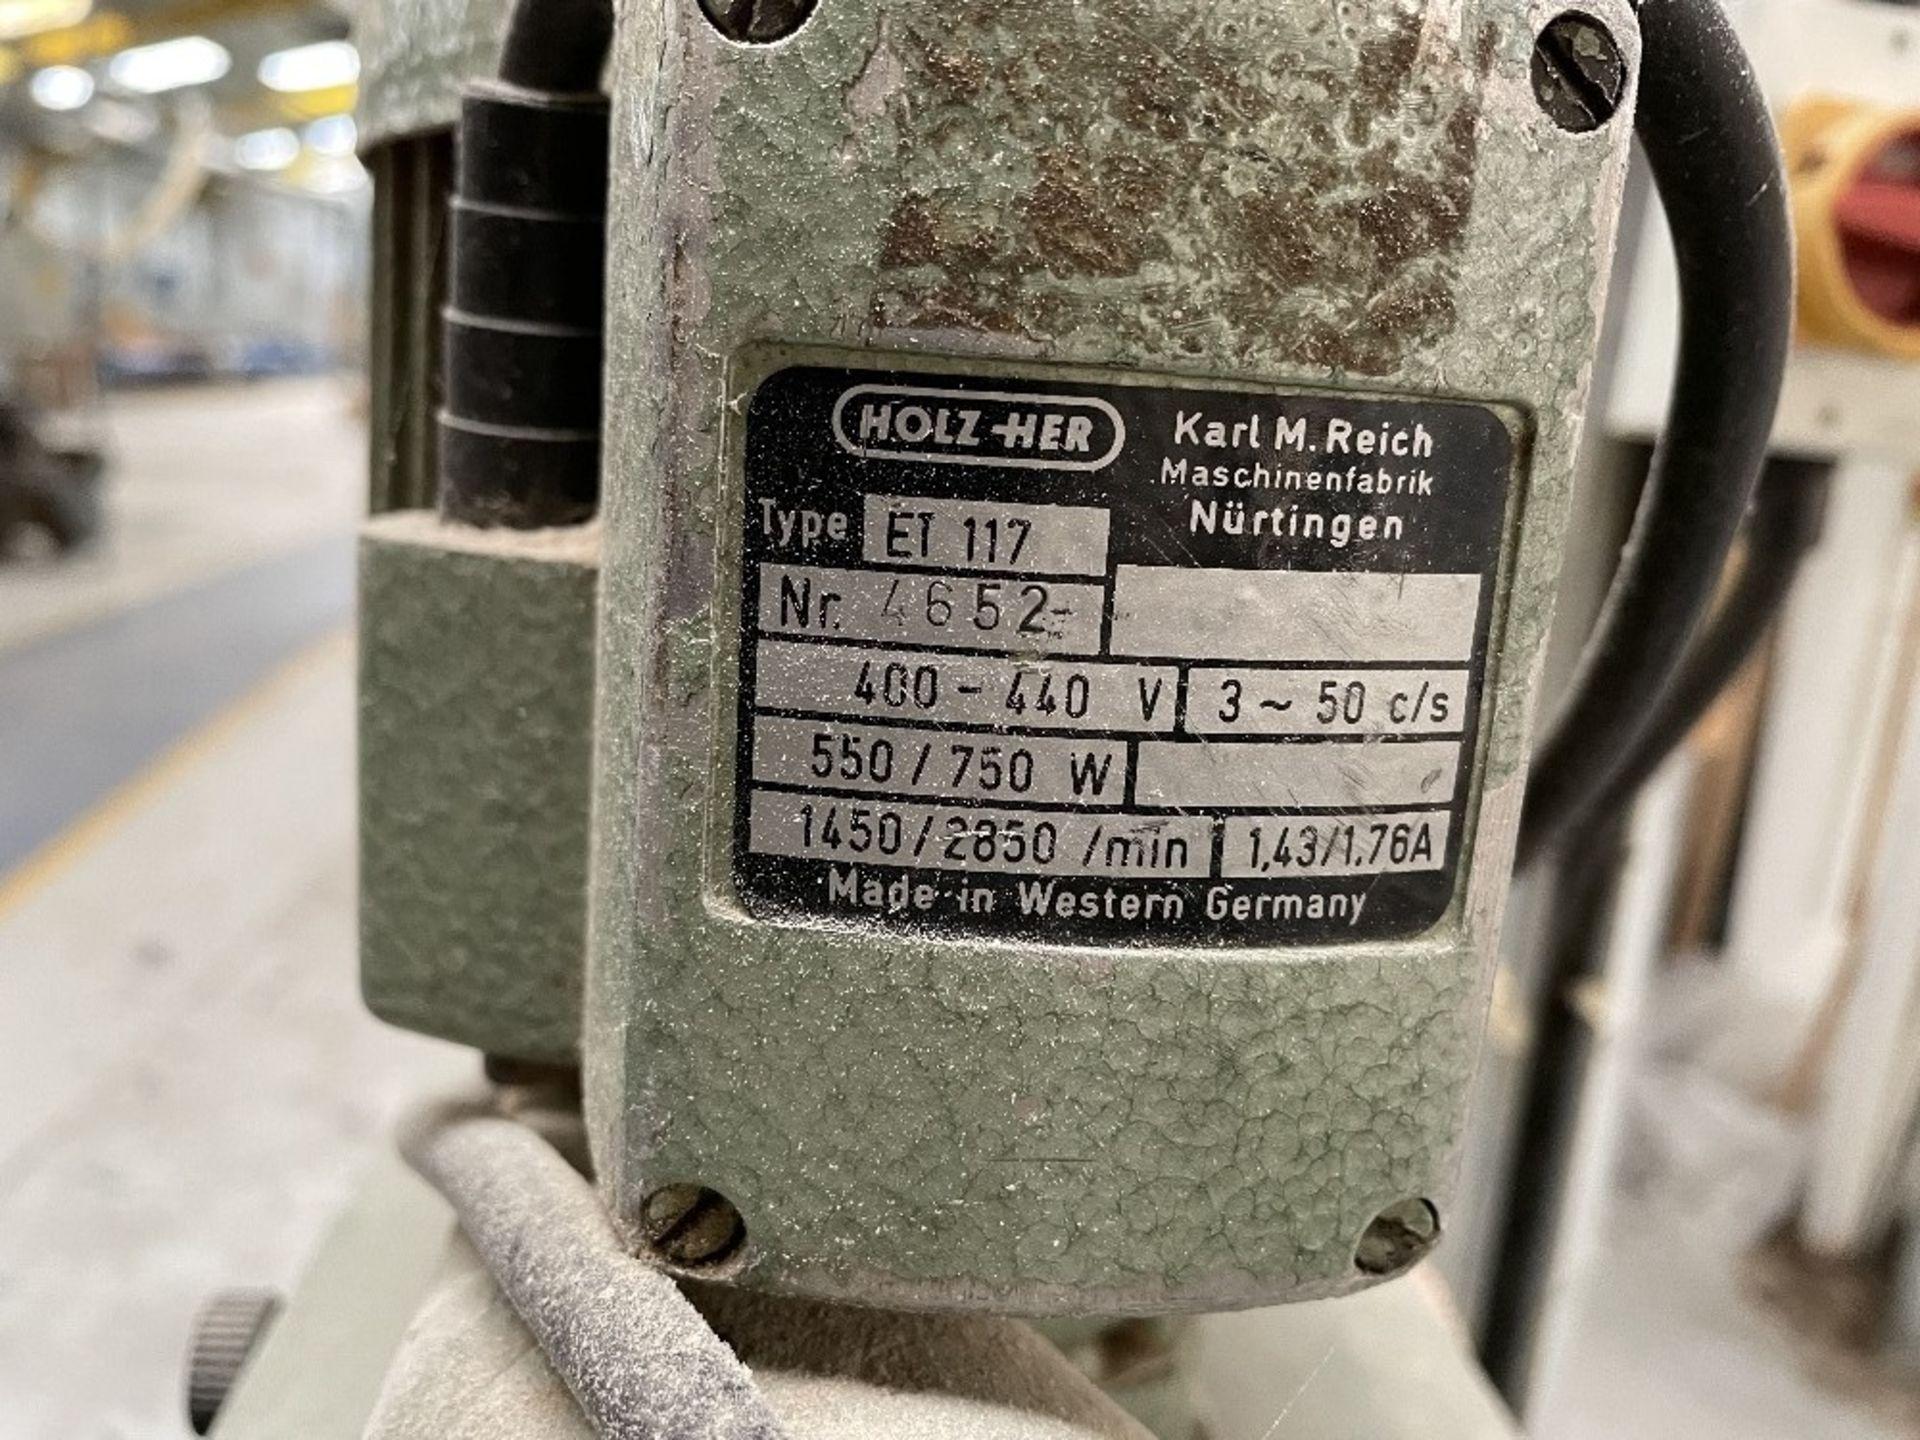 Felder FS 900KF Edge Sander w/ Holz-her Power Feed   YOM: 2002 - Image 8 of 8